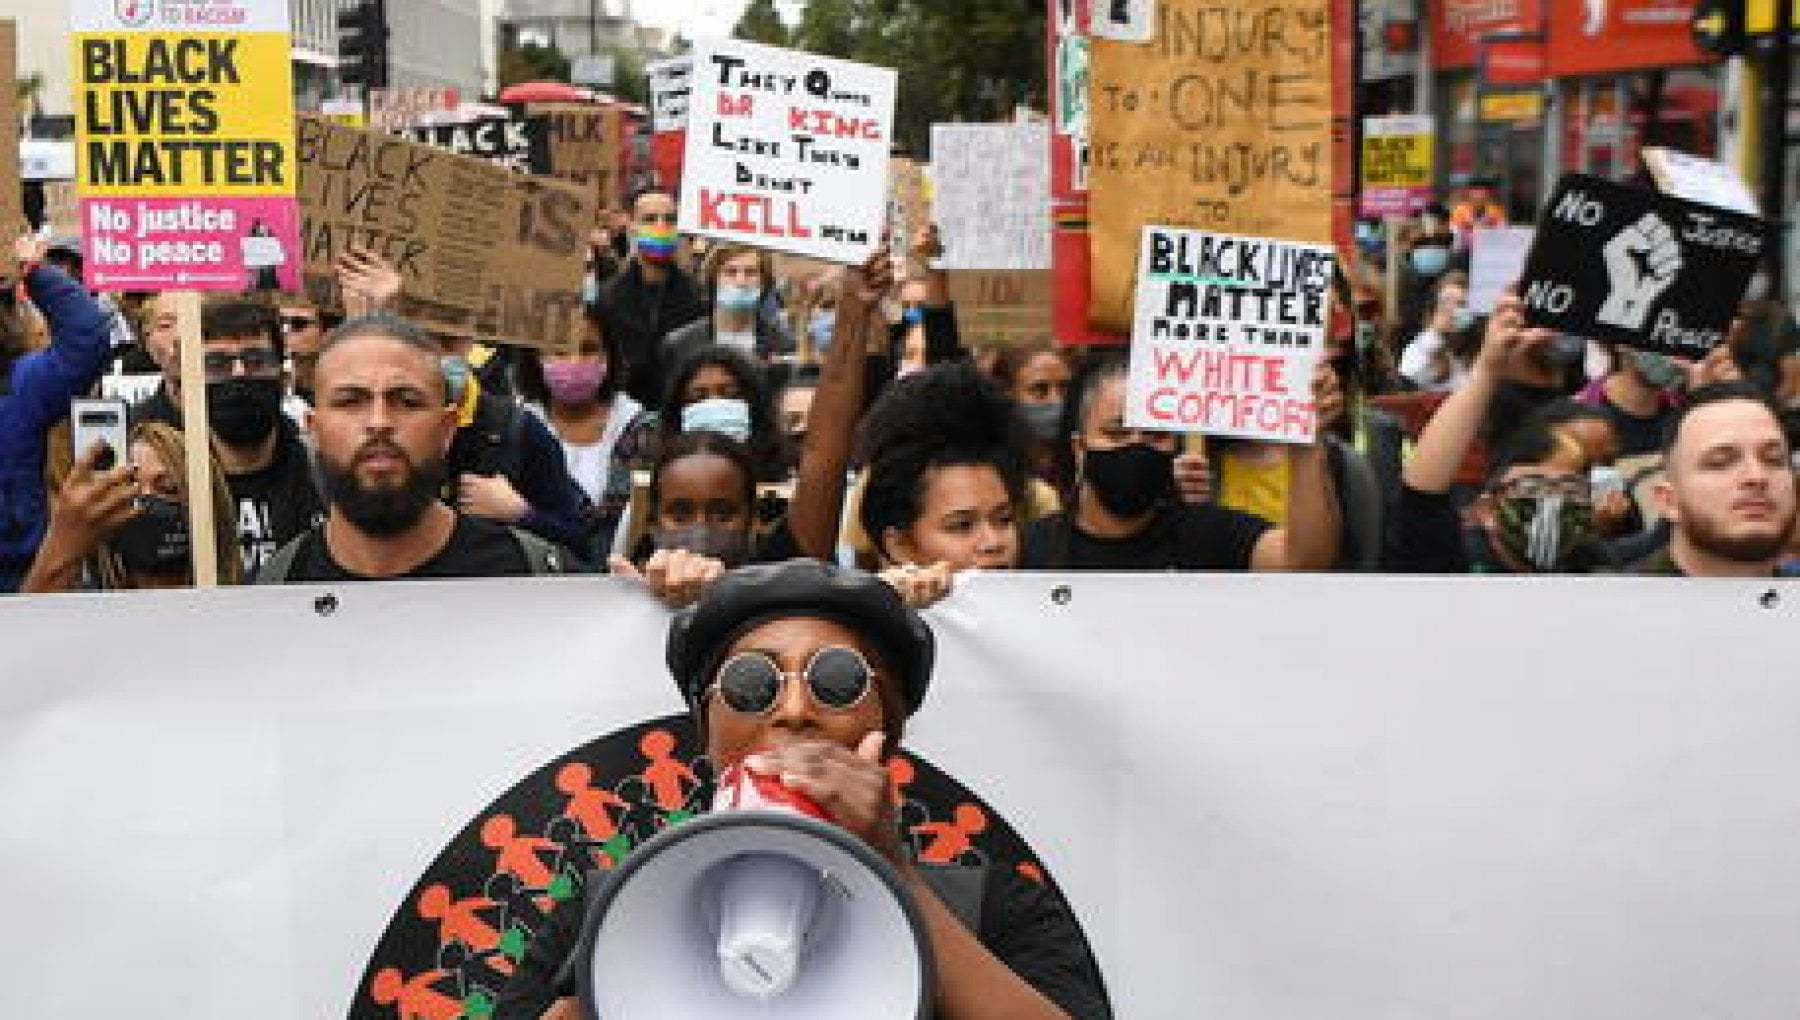 002521701 dba273ff 7e5a 4834 8304 7243b414e117 - Londra, ferita a colpi d'arma da fuoco la leader inglese del movimento Black Lives Matter: è grave